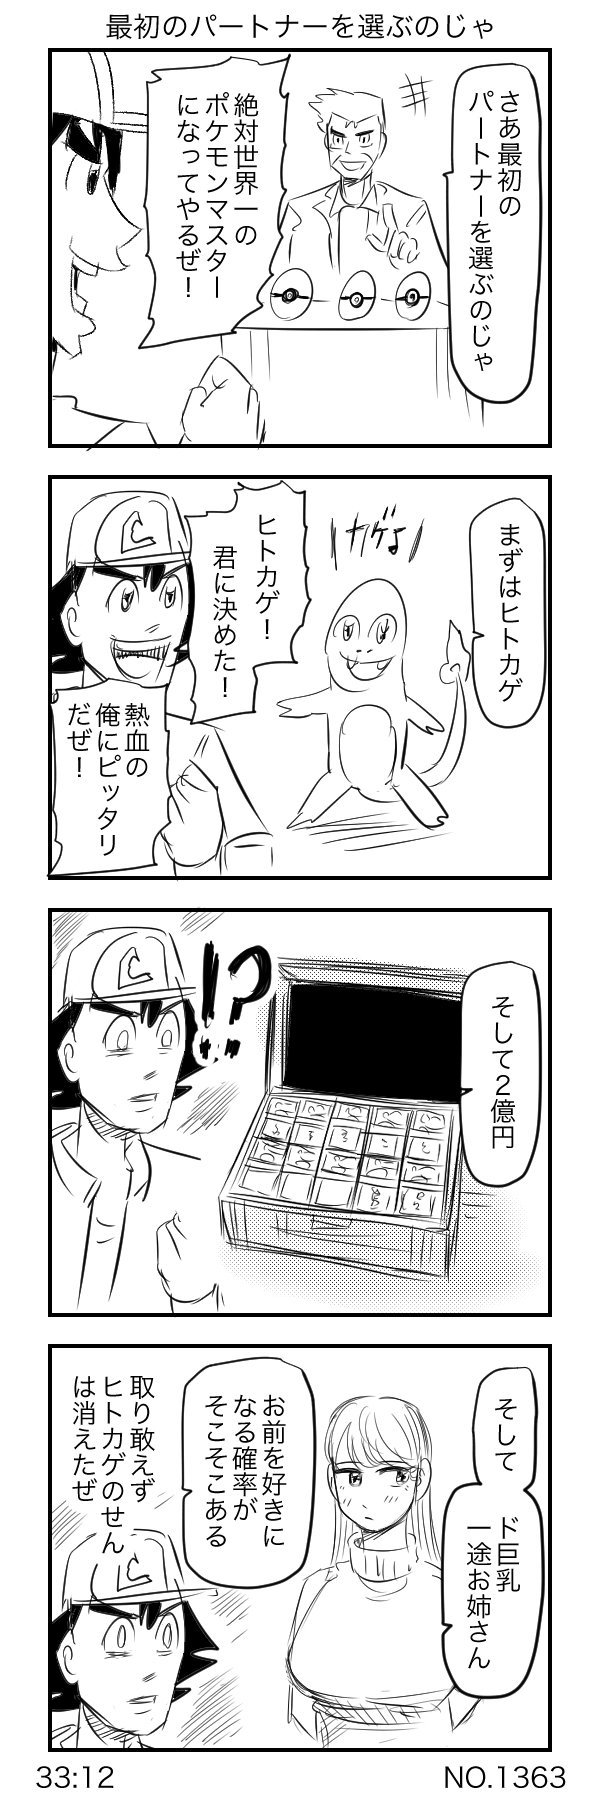 7 8 - 「ポケモン」のとんでもない感動漫画が描かれてしまう。